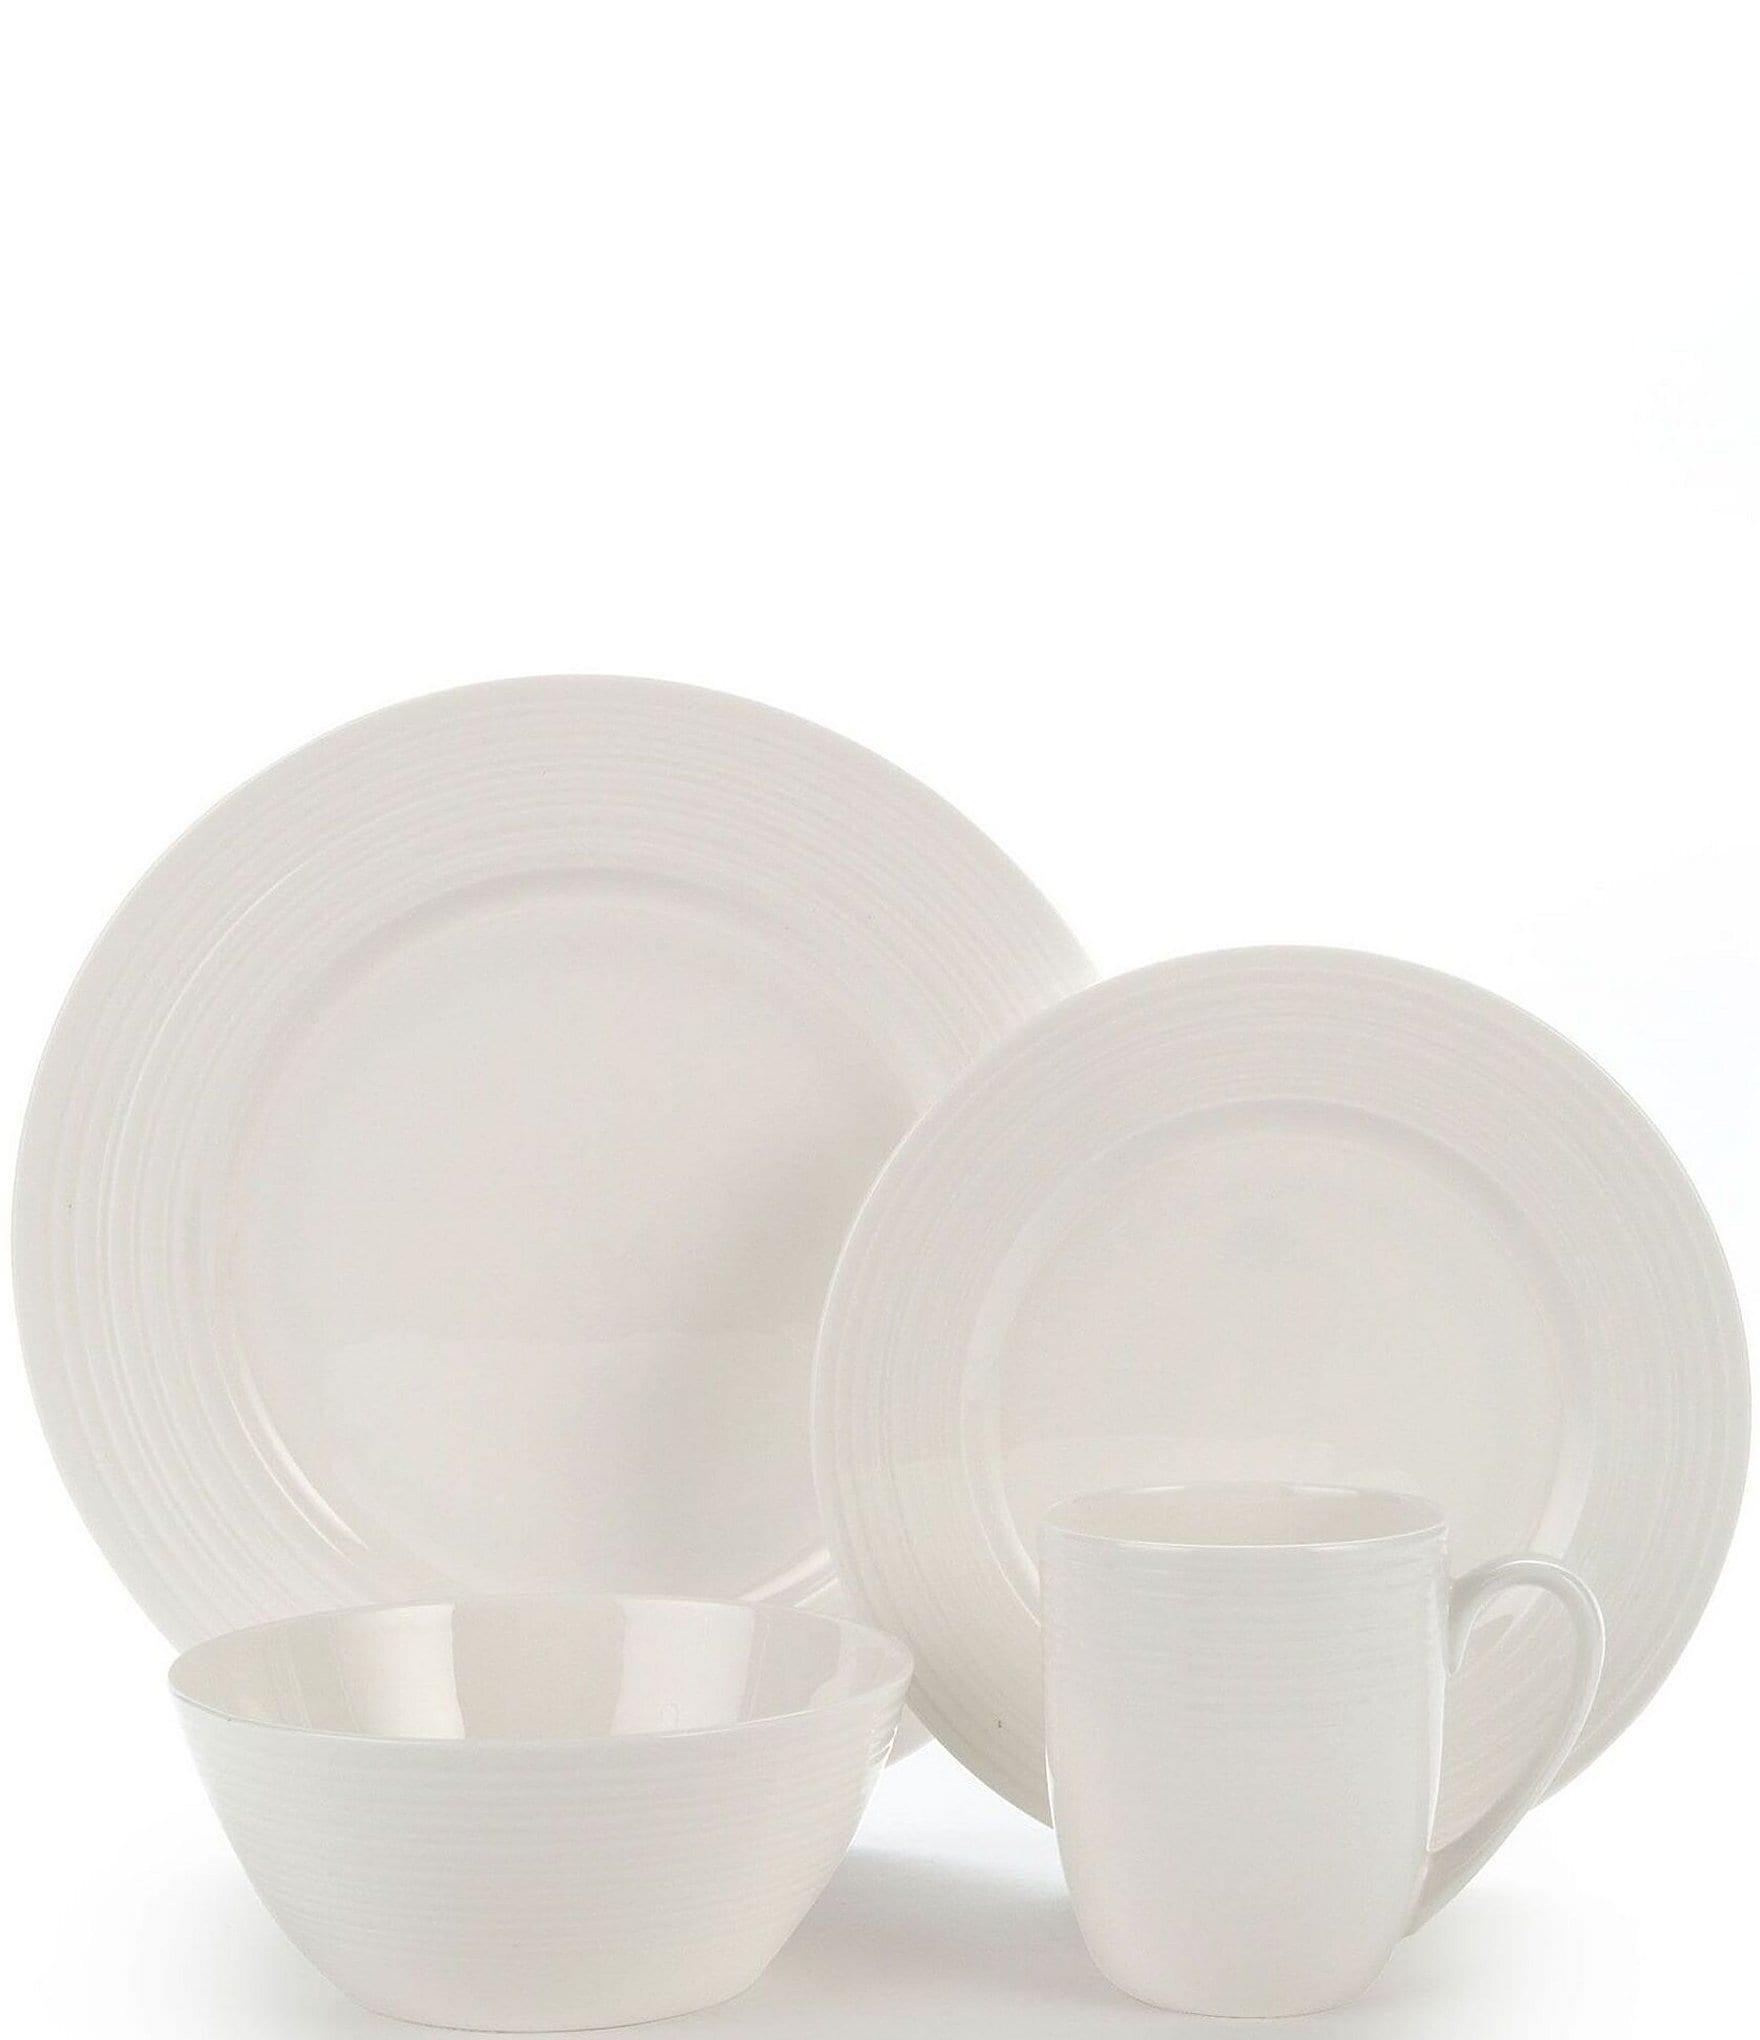 sc 1 st  Dillard\u0027s & Dinnerware Collections | Dillard\u0027s